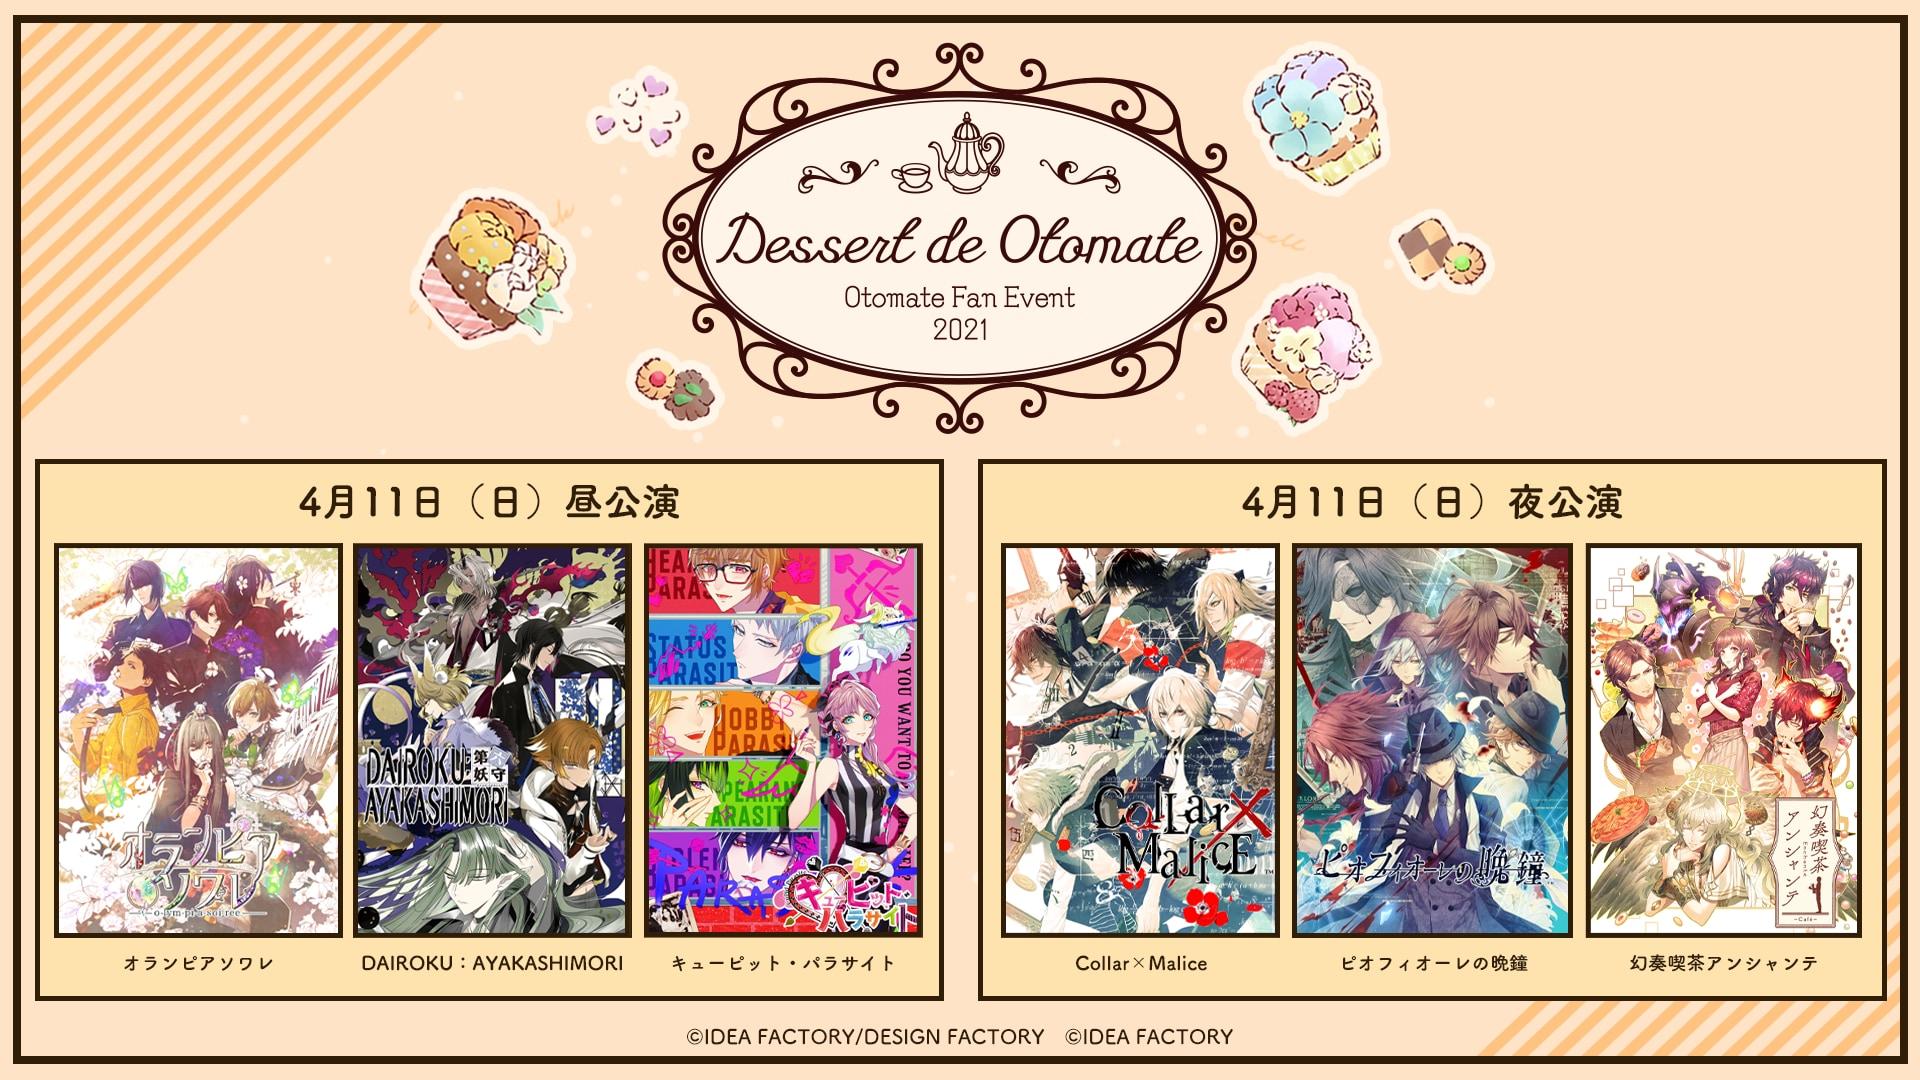 オトメイトのファンイベント「Dessert de Otomate」開催決定!松岡禎丞さん、石川界人さん、岡本信彦さんらが出演